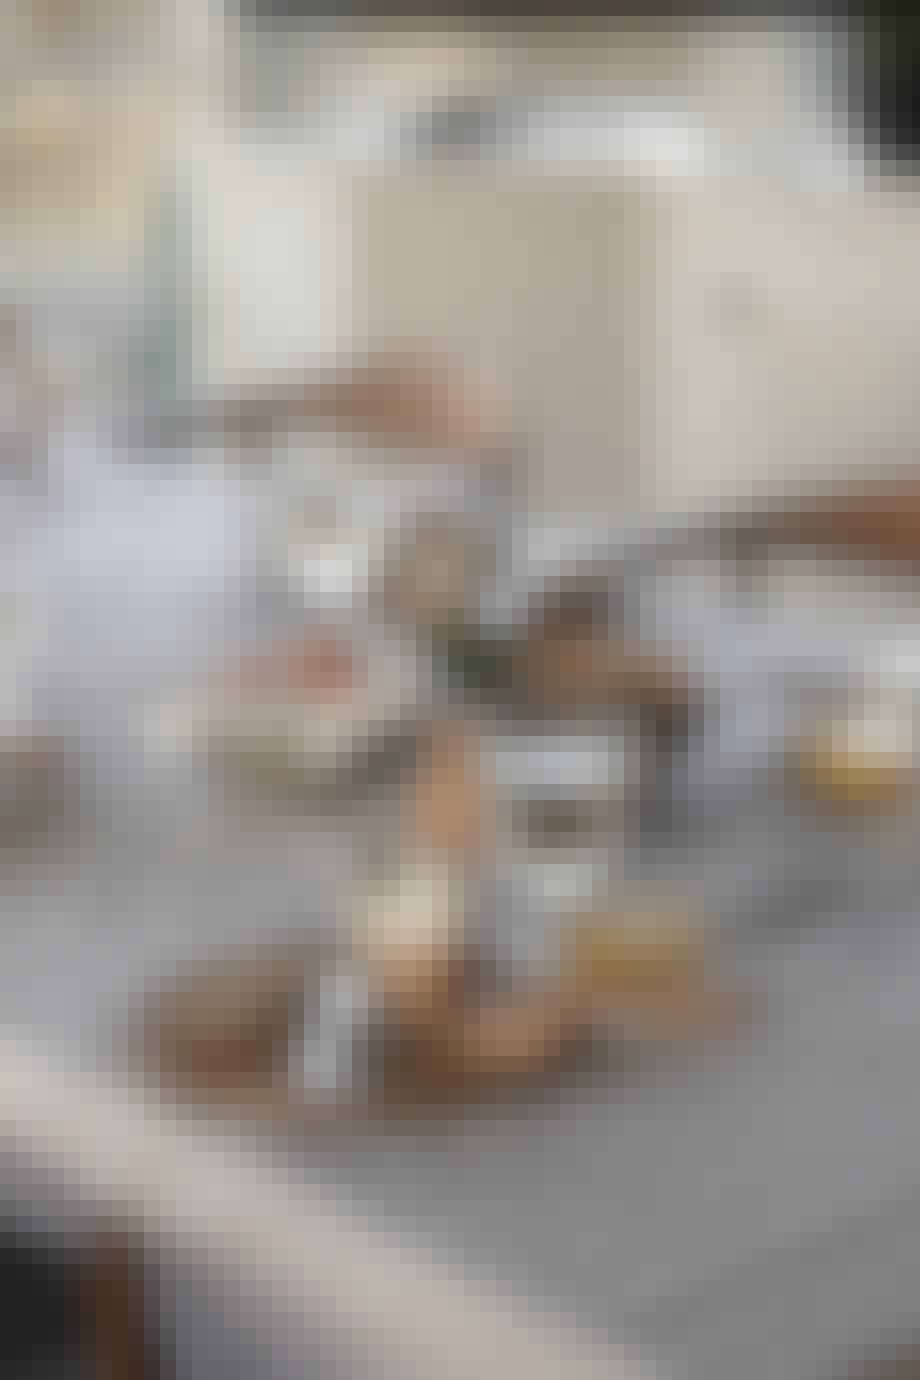 Nyhed fra Kay Bojesen brugsgenstande til køkkenbordet og spisebordet æggebægre platte peberkværn saltkar